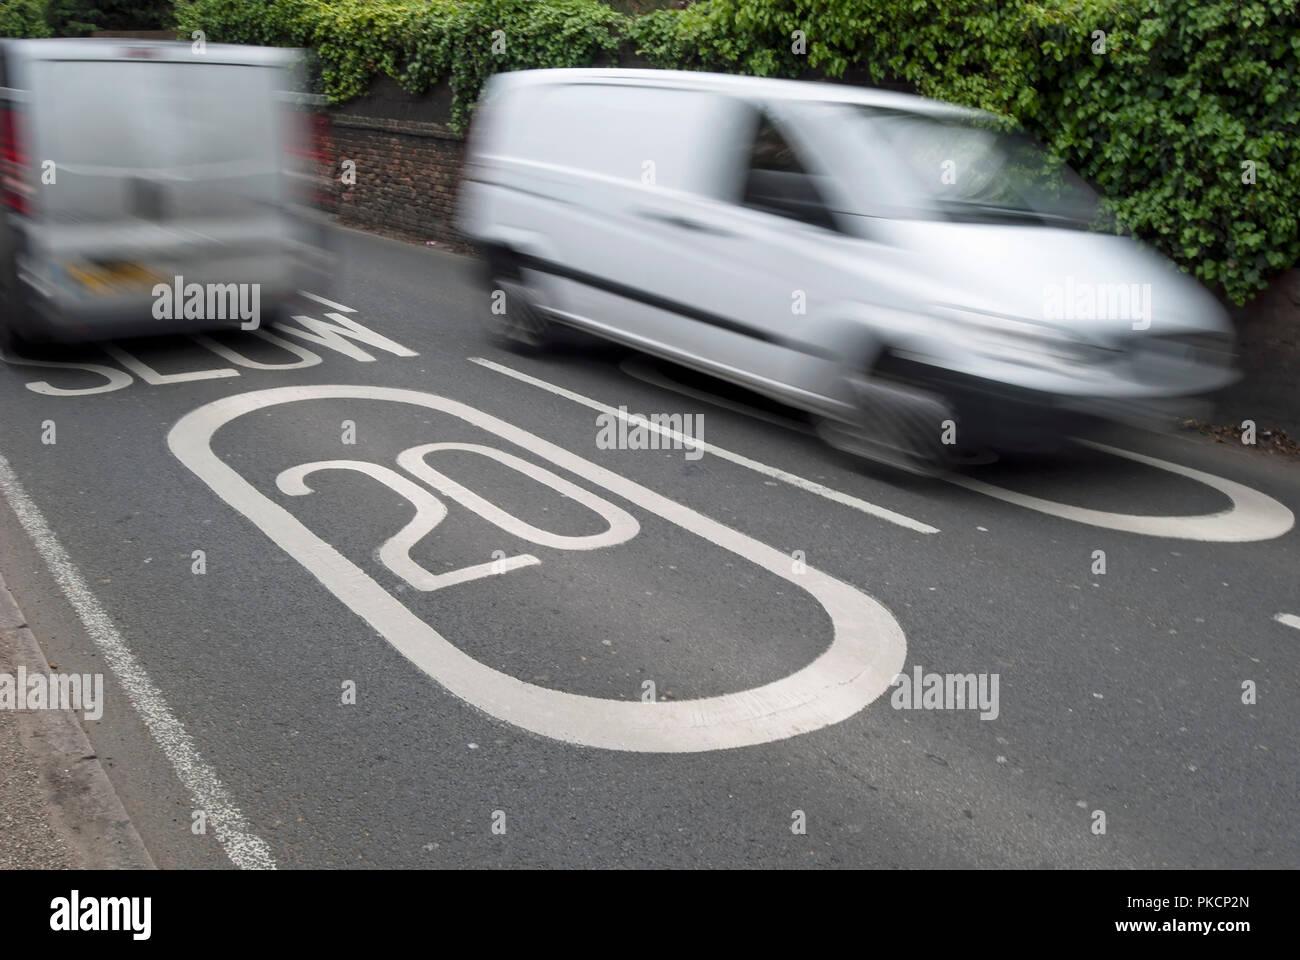 Vu les véhicules dans blurred motion note de marquage routier indiquant une limite de vitesse de 20mph à ham, Surrey, Angleterre Photo Stock